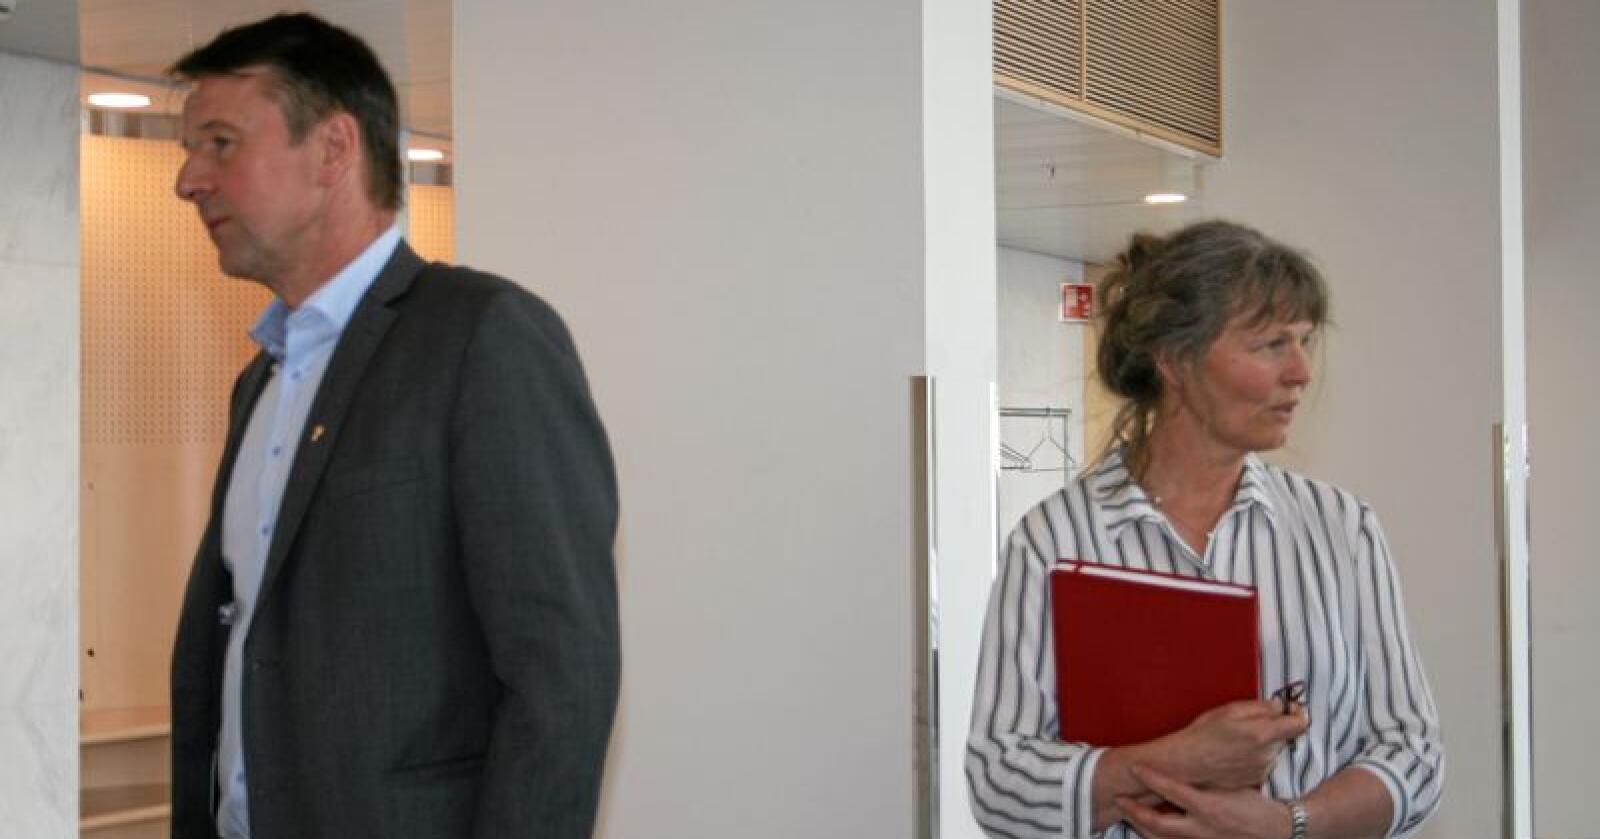 Kvotesal: Partane i jordbruksoppgjeret, her ved Kjersti Hoff (t.h.) i Småbrukarlaget og Lars Petter Bartnes i Bondelaget, skal til hausten diskutere nye reglar for kjøp og sal av mjølkekvotar. Foto: Bjarne Bekkeheien Aase